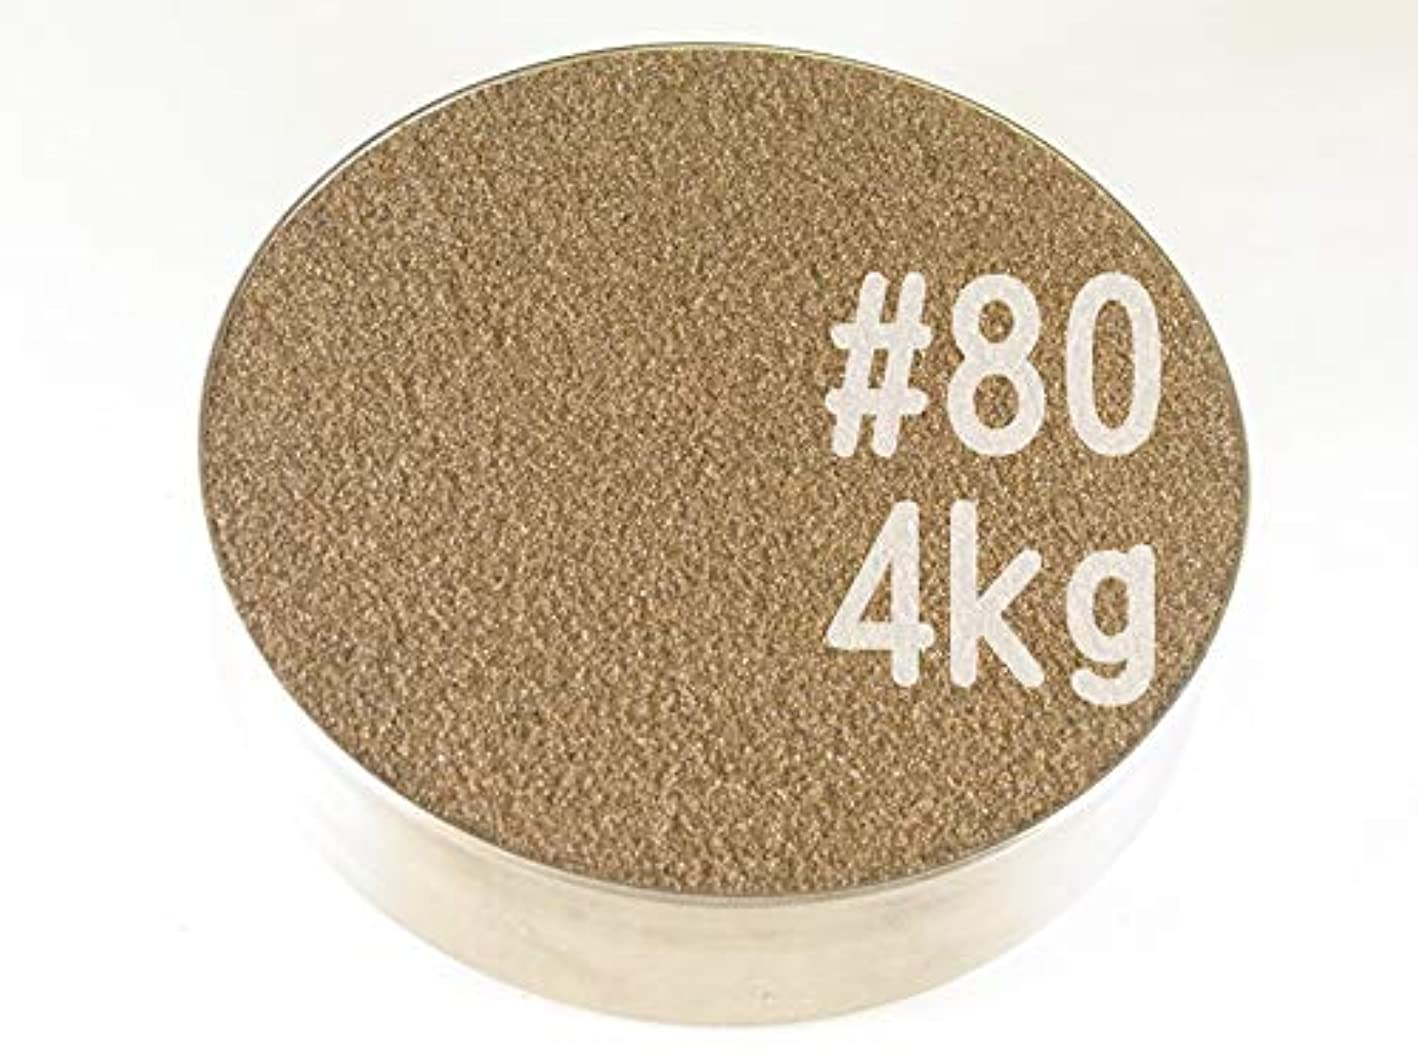 レンディション品暴動#80 (4kg) アルミナサンド/アルミナメディア/砂/褐色アルミナ サンドブラスト用(番手サイズは7種類から #40#60#80#100#120#180#220 )